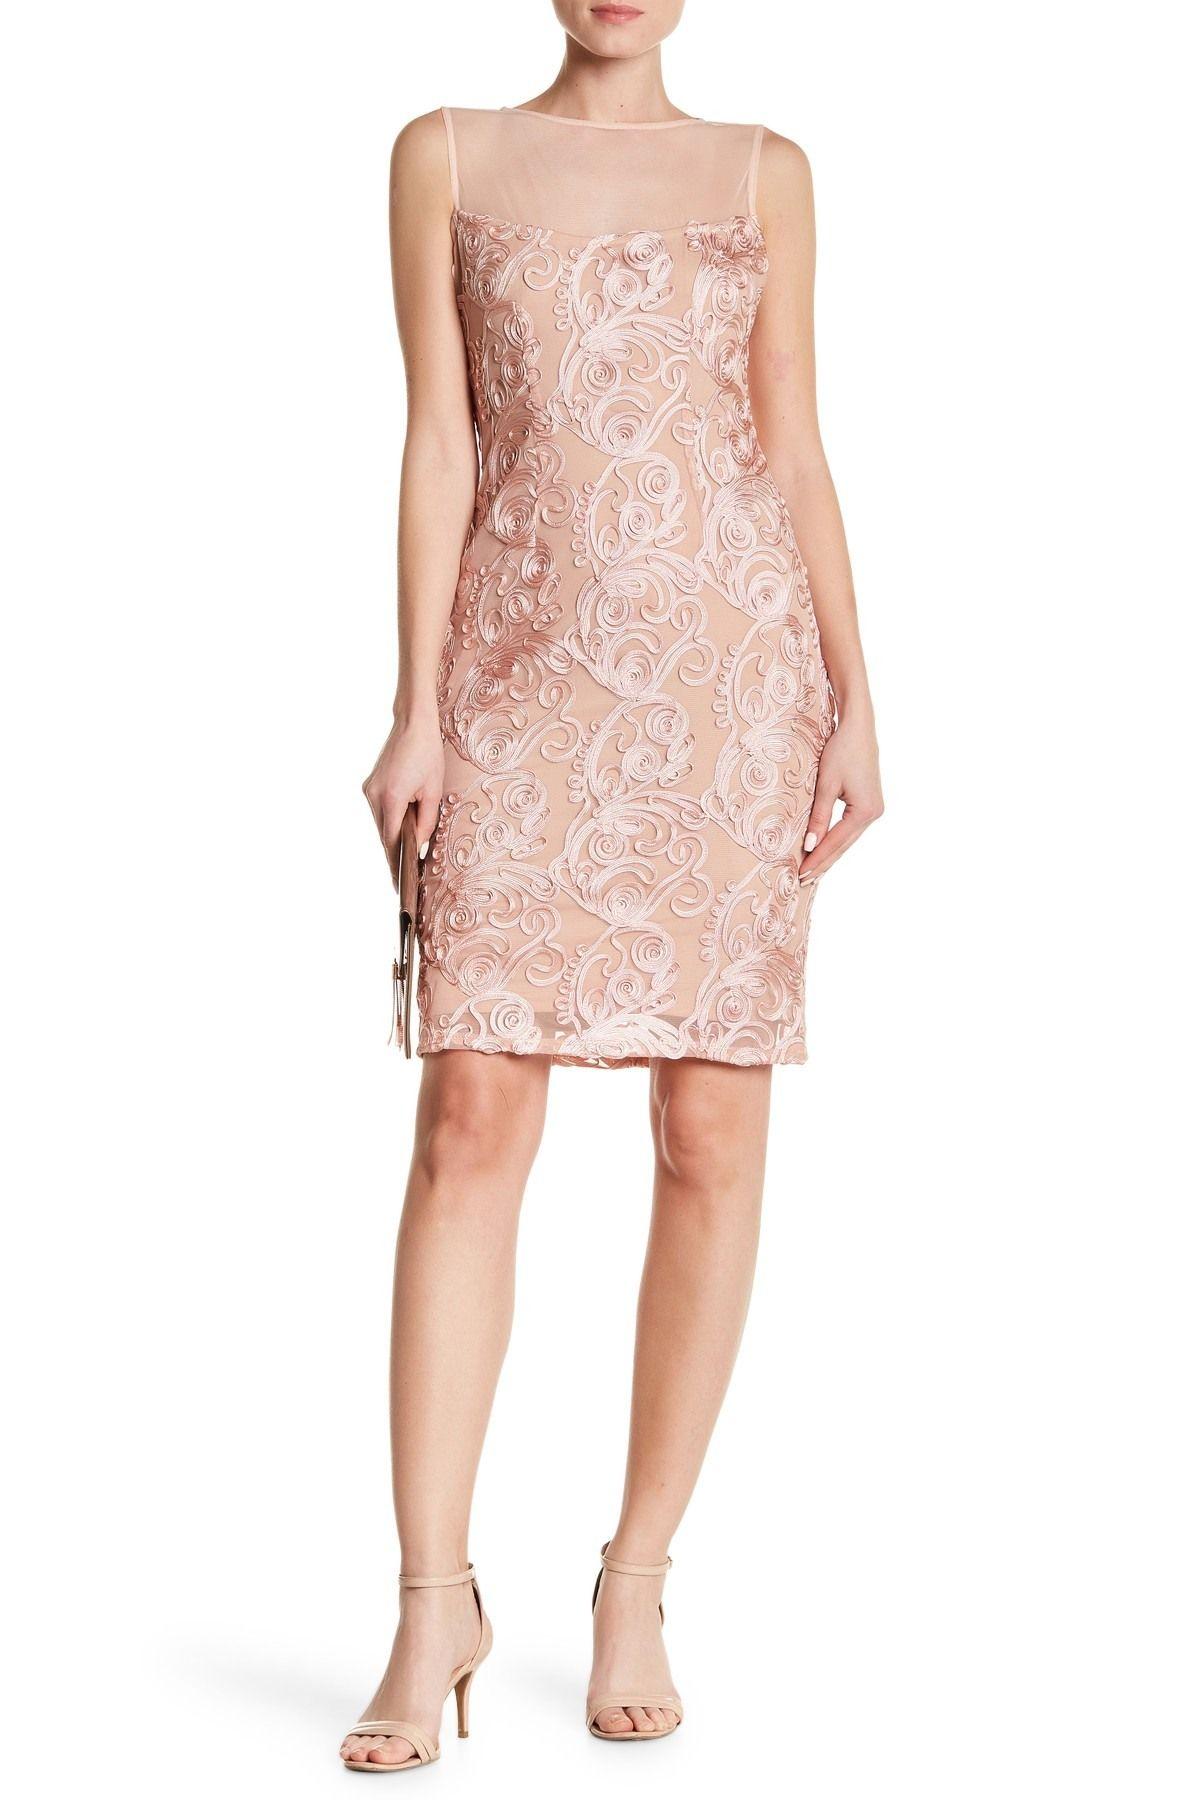 Asombroso Nordstrom Vestido De Dama Bosquejo - Colección de Vestidos ...